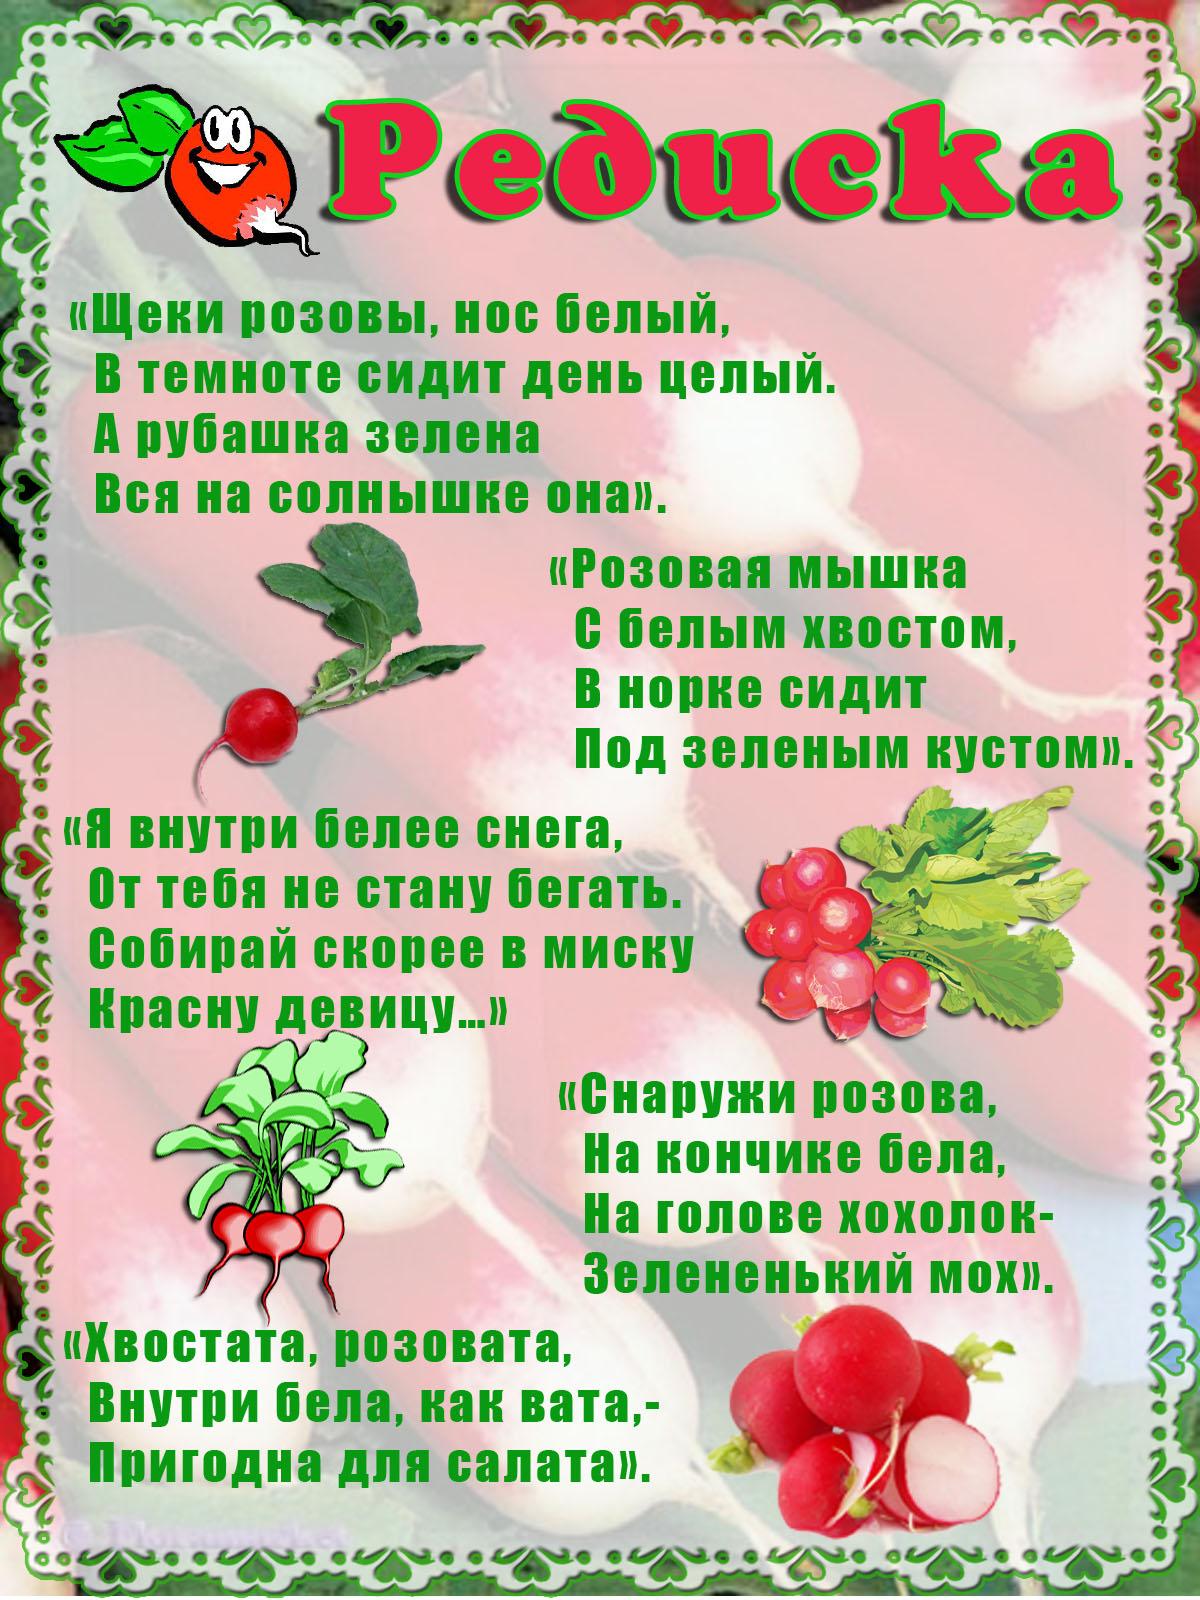 поздравление с овощами на день рождения про редиску нижнем новгороде